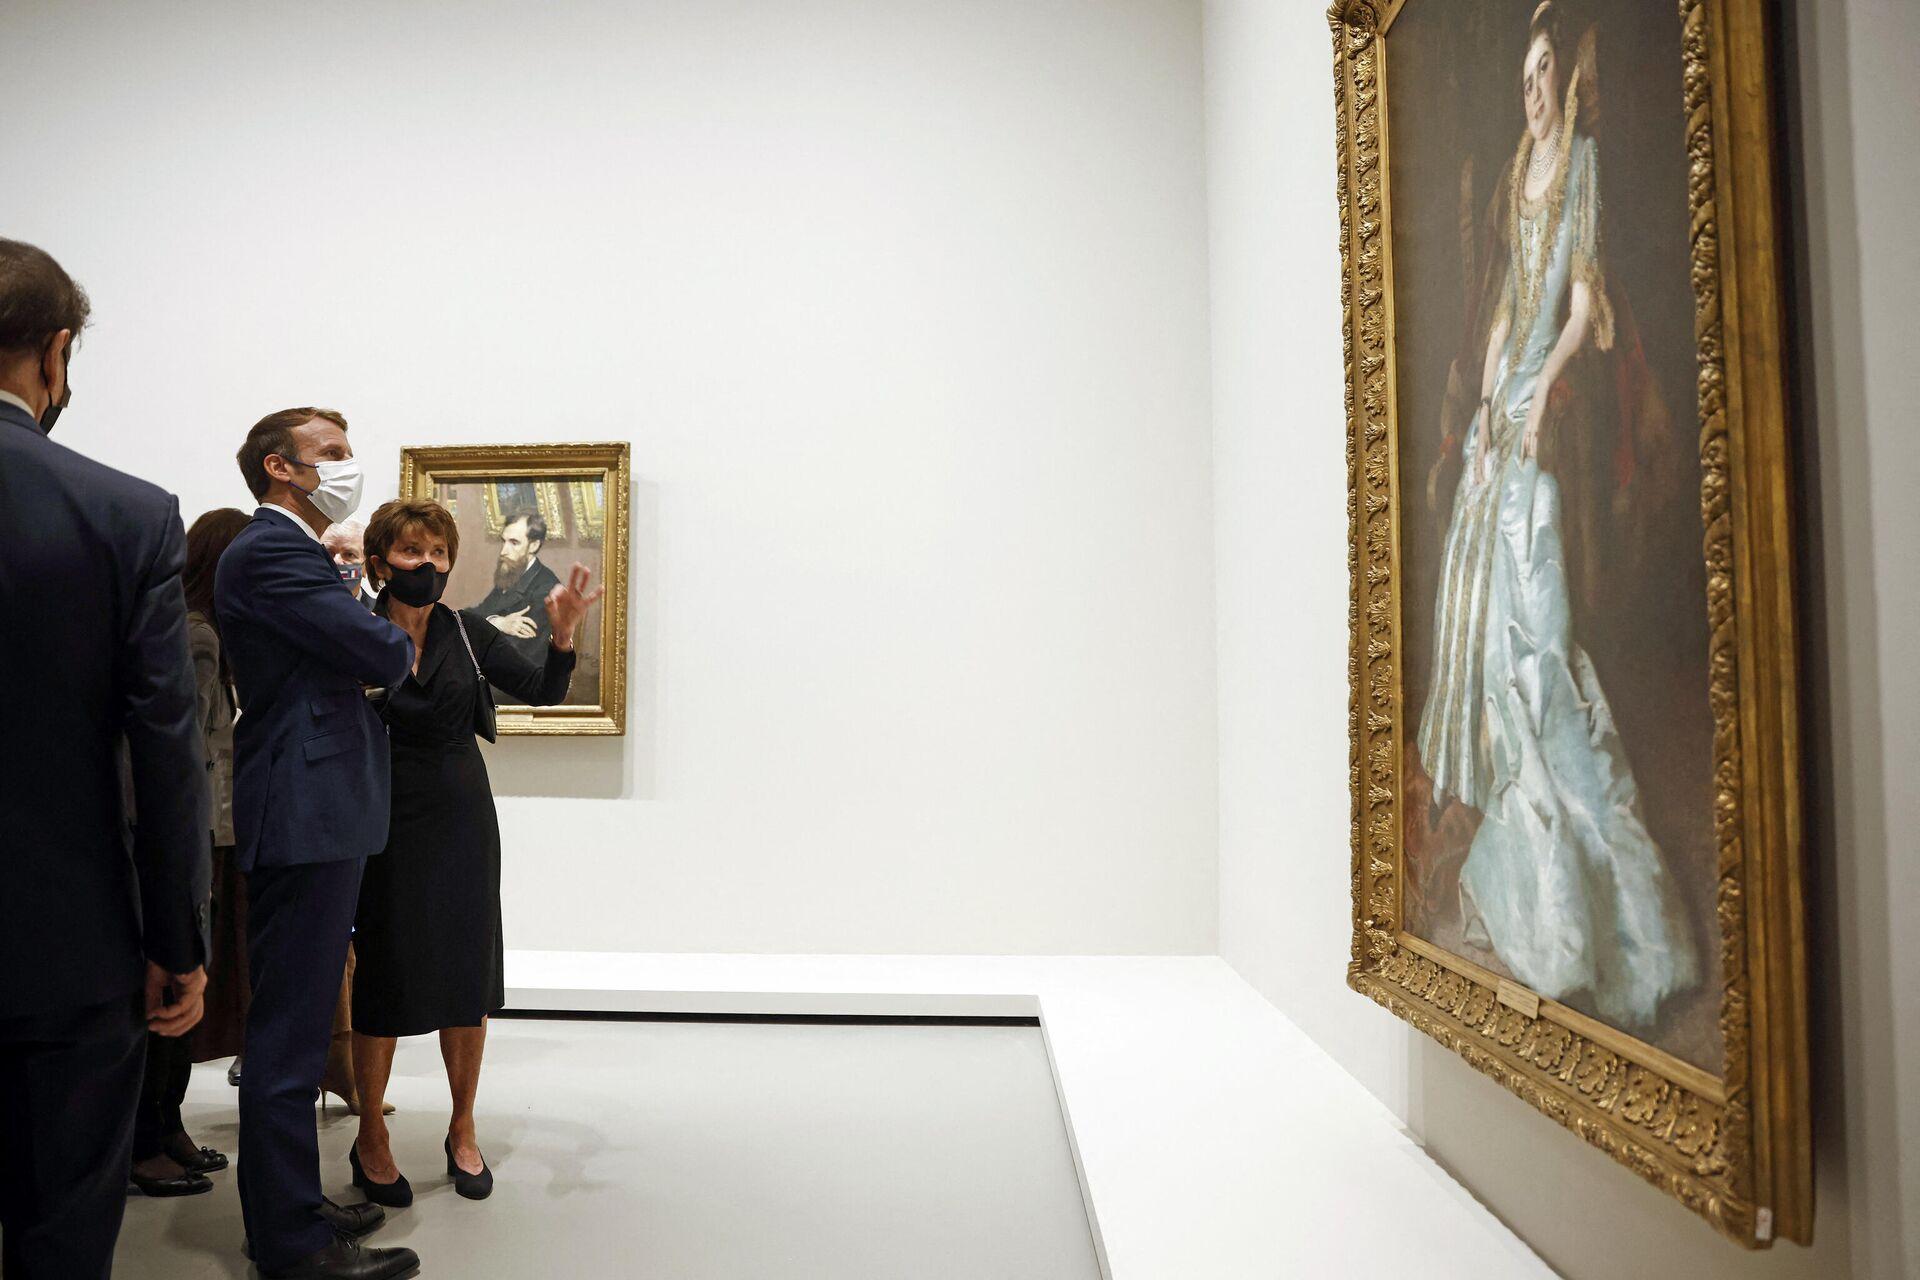 Президент Франции Эммануэль Макрон на открытии выставки Коллекция Морозова, иконы современного искусства в фонде Louis Vuitton в Париже - РИА Новости, 1920, 11.10.2021